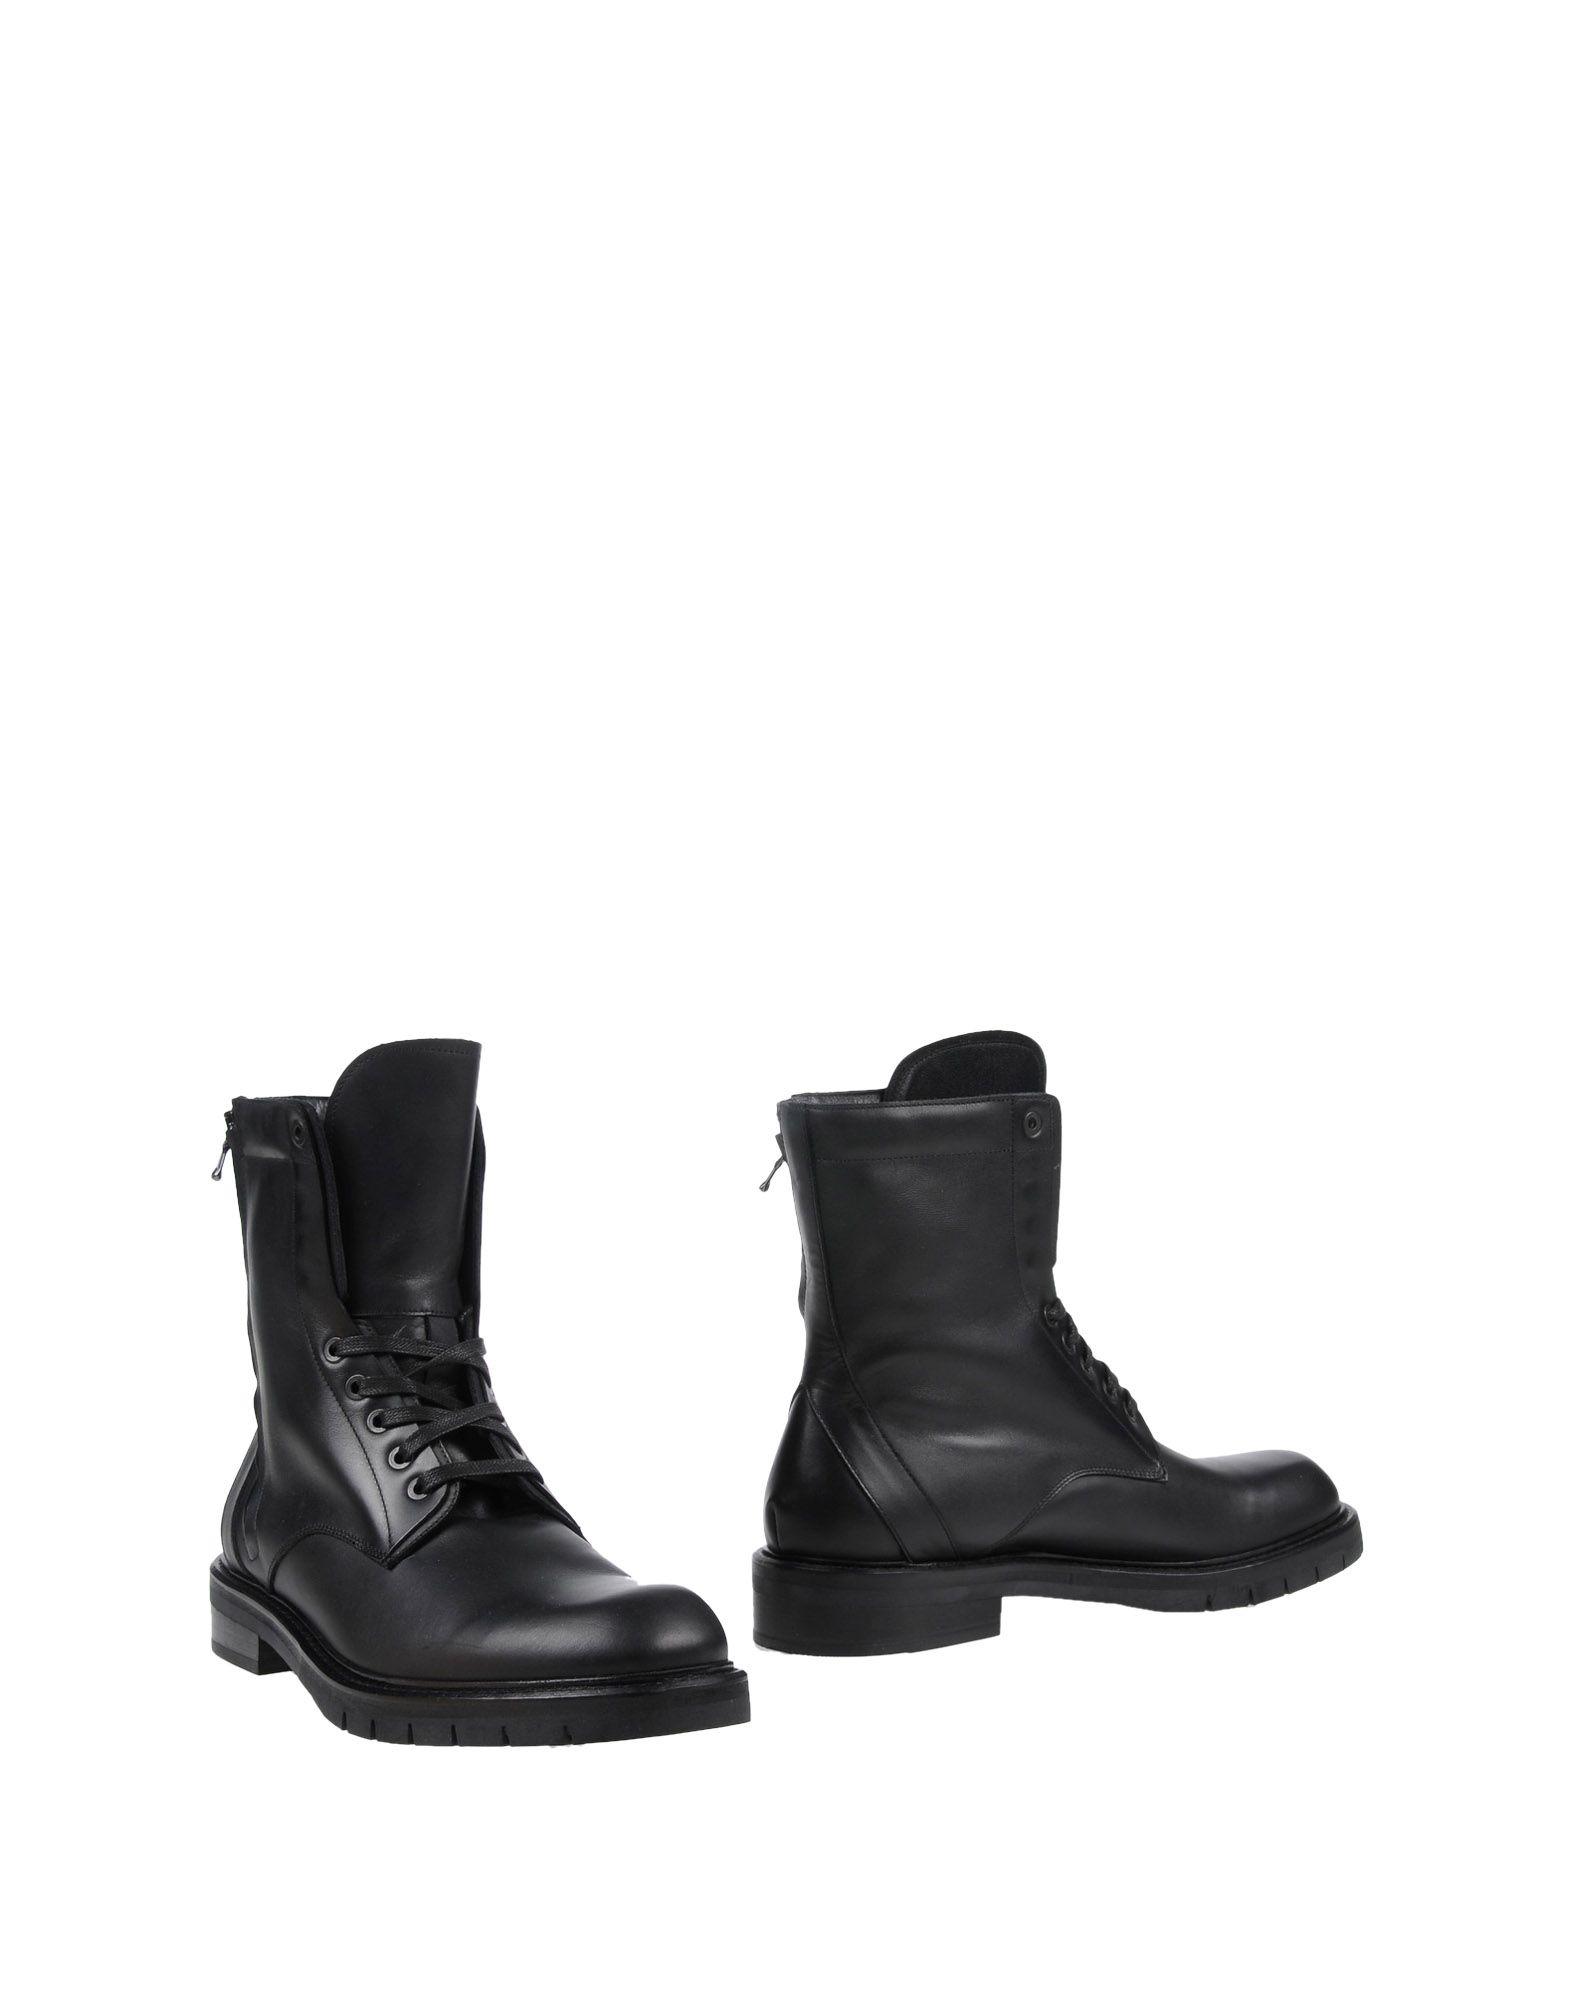 Lab. Pal Zileri Stiefelette Herren  11447304EM Gute Qualität beliebte Schuhe